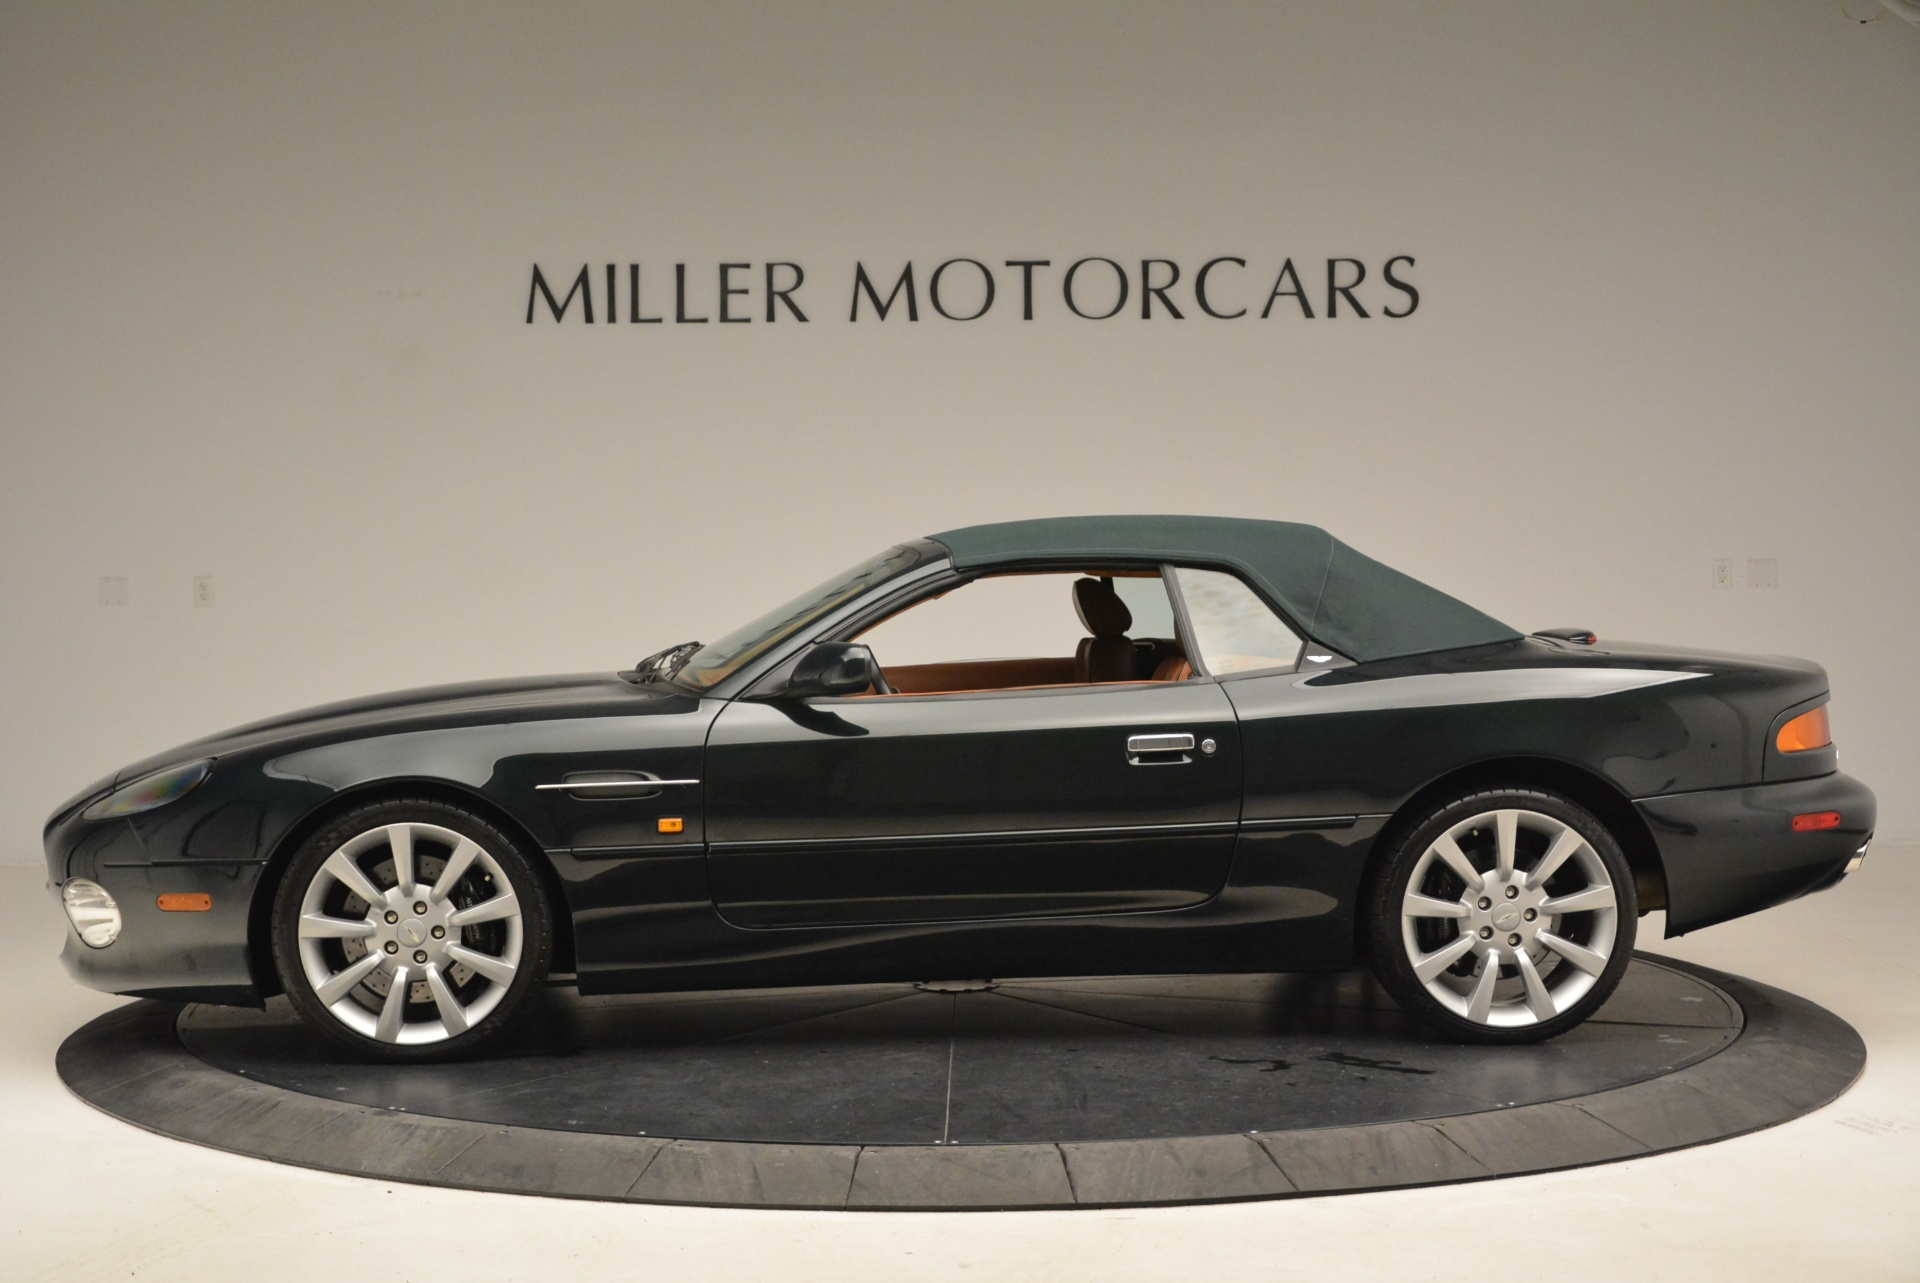 Used 2003 Aston Martin DB7 Vantage Volante For Sale In Greenwich, CT 2084_p15